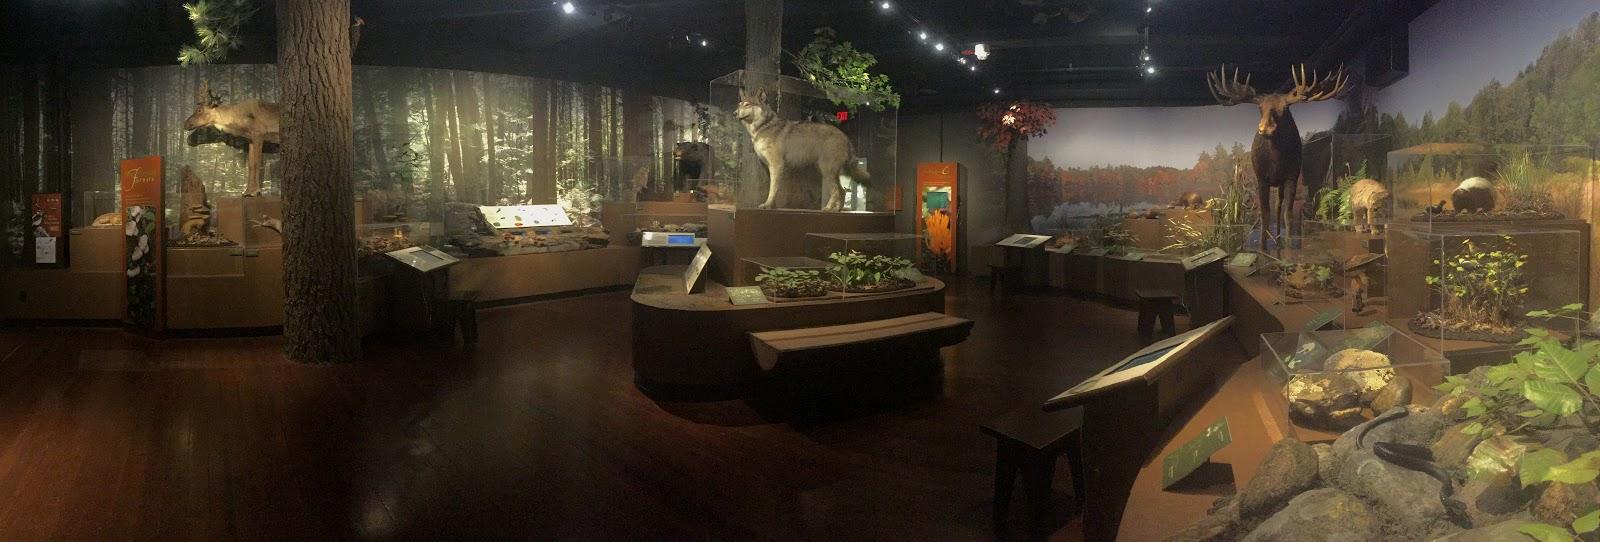 museum room.JPG